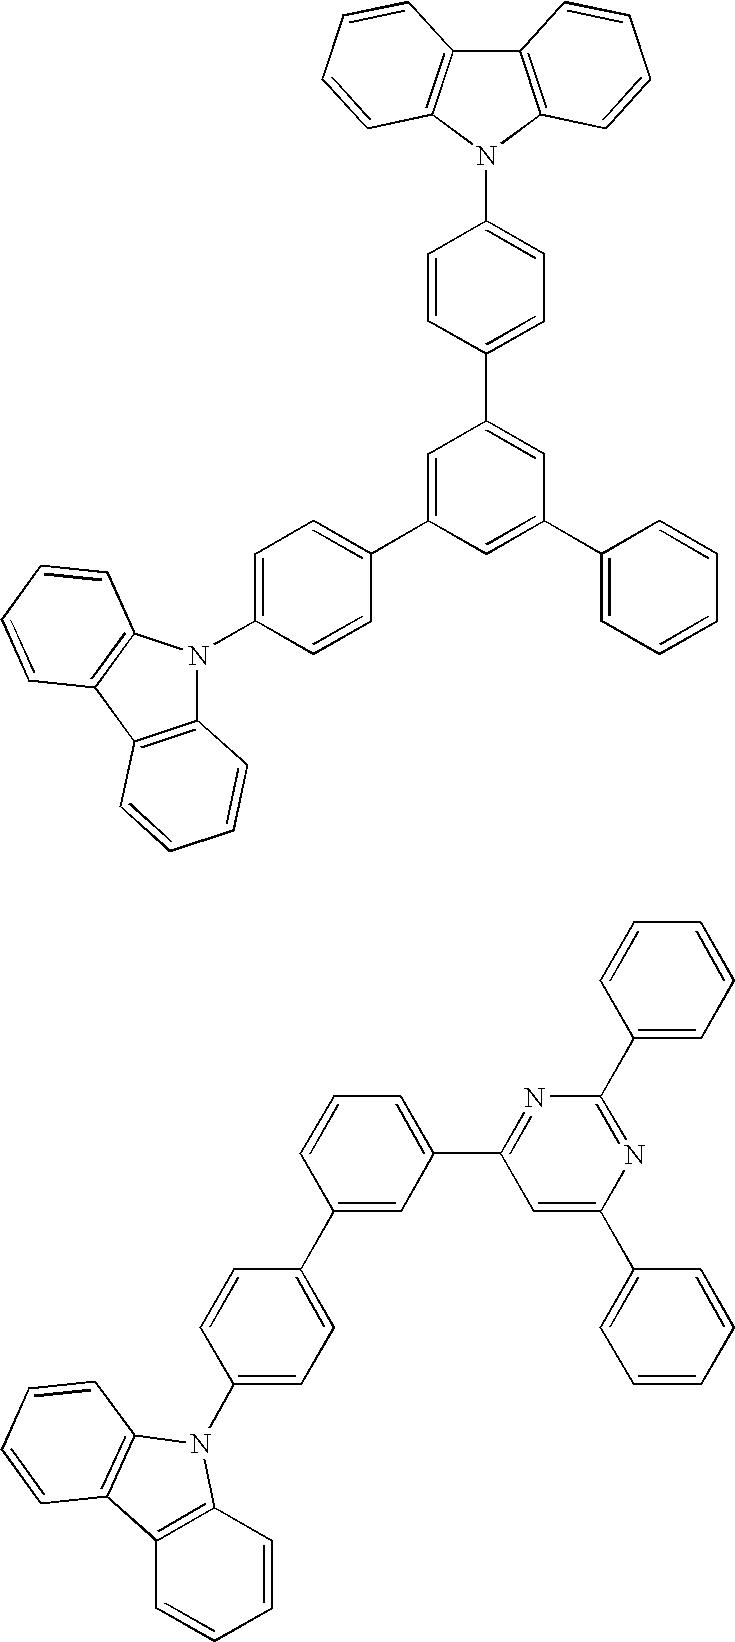 Figure US20070069638A1-20070329-C00018